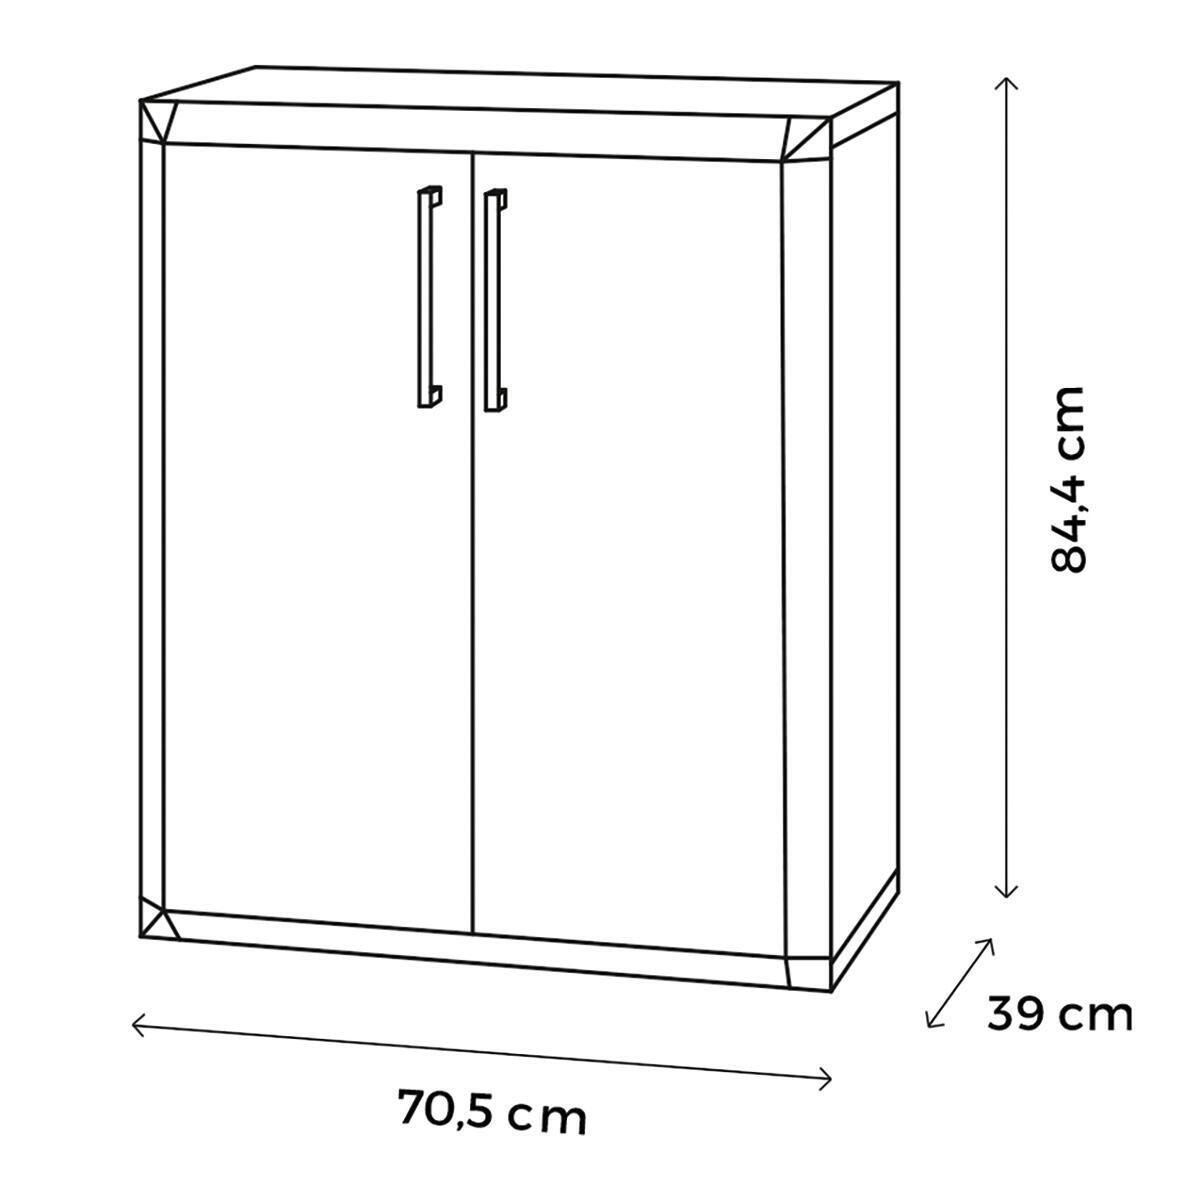 Armadietto basso Thetris Eco L 70.5 x P 40 x H 84.5 cm grigio chiaro e grigio antracite - 2